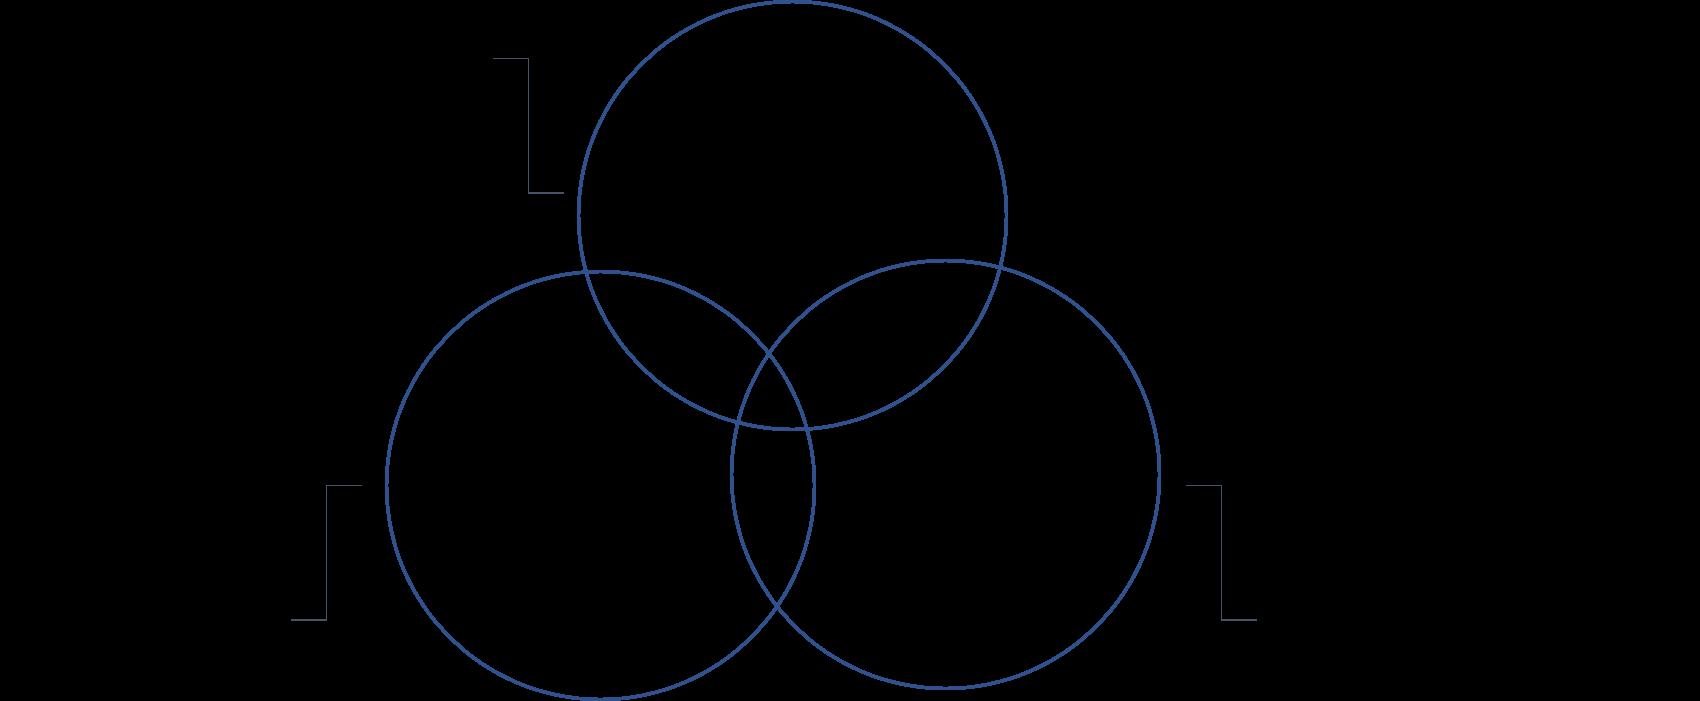 コンテンツ・コミュニケーション能力・理解力の三視点